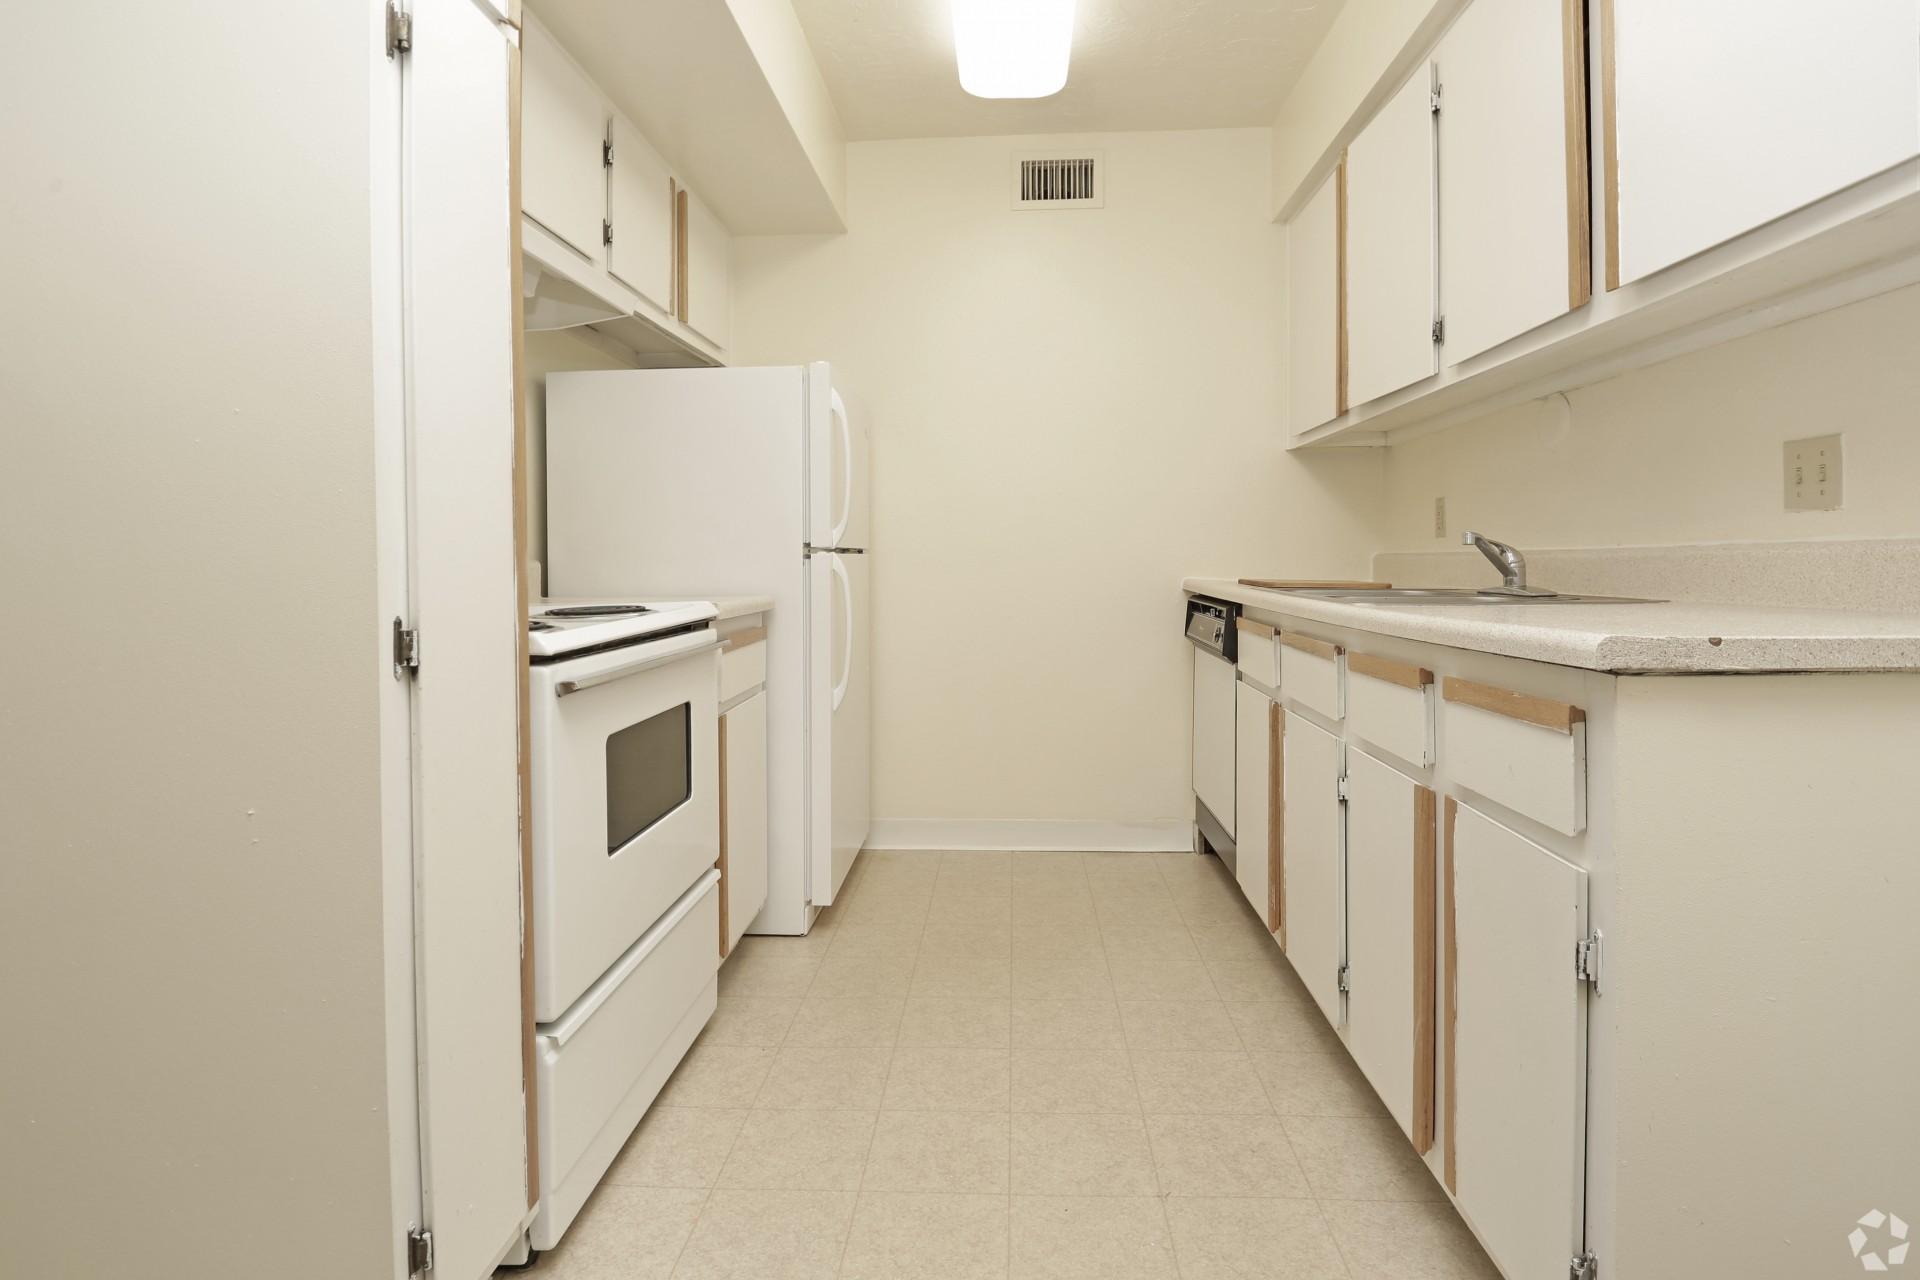 1 2 3 & 4 Bedroom Apartment Floor Plans